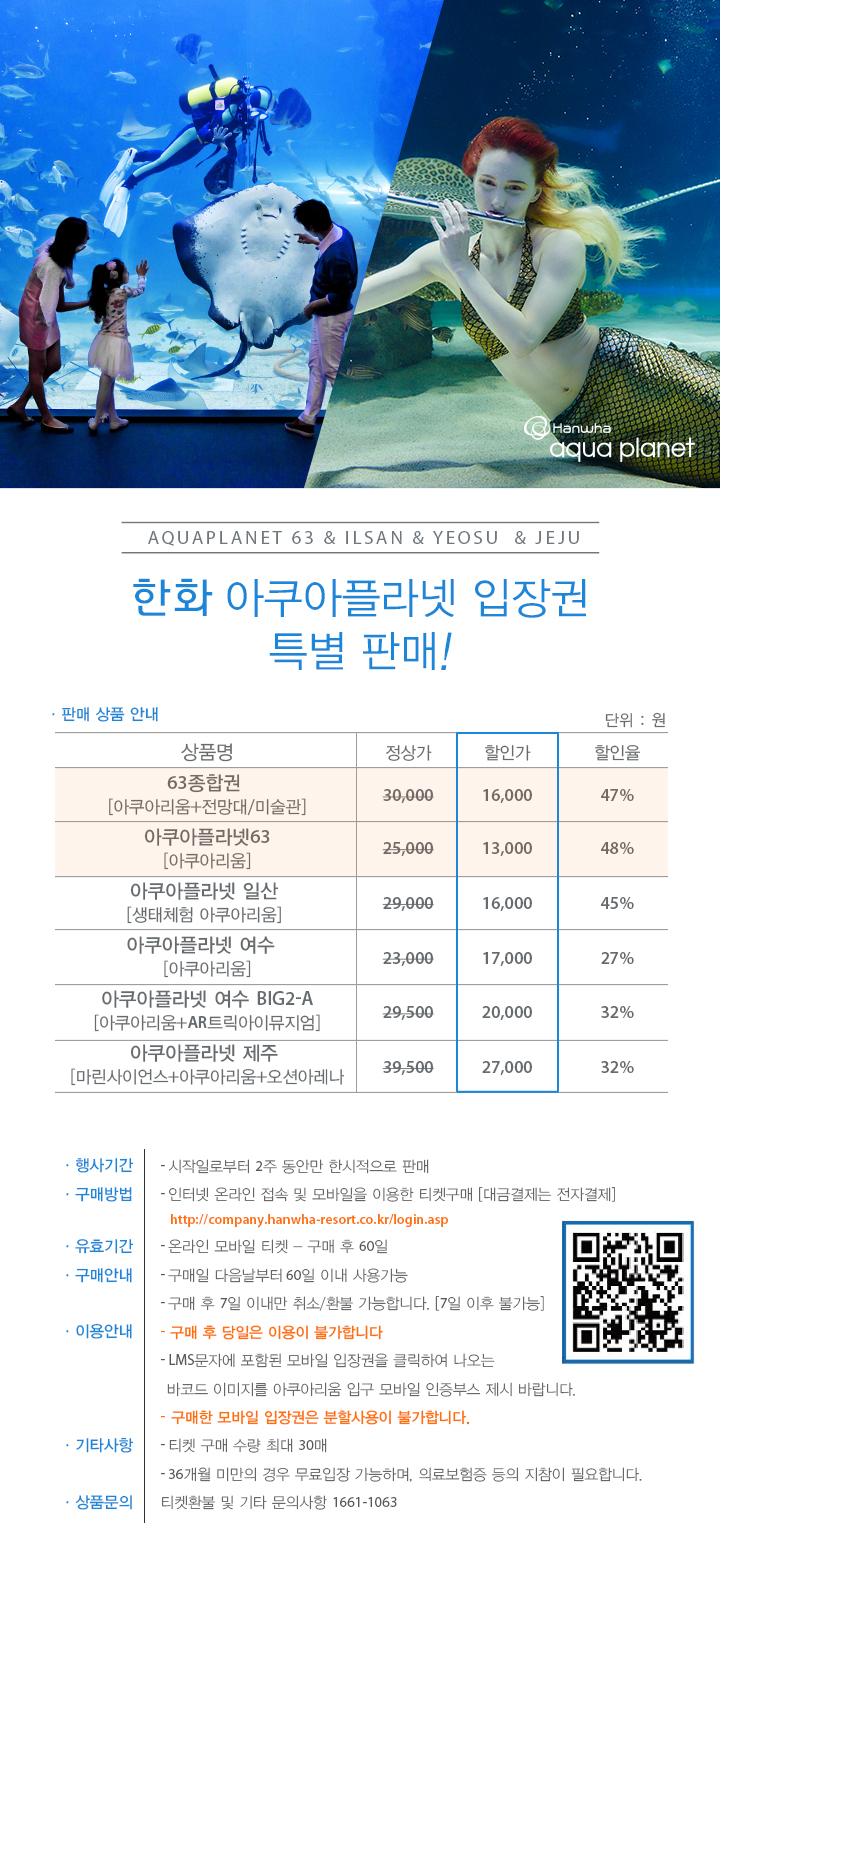 인천사회복지사협회 온라인 특반 홍보 (2017.11.04 까지).png